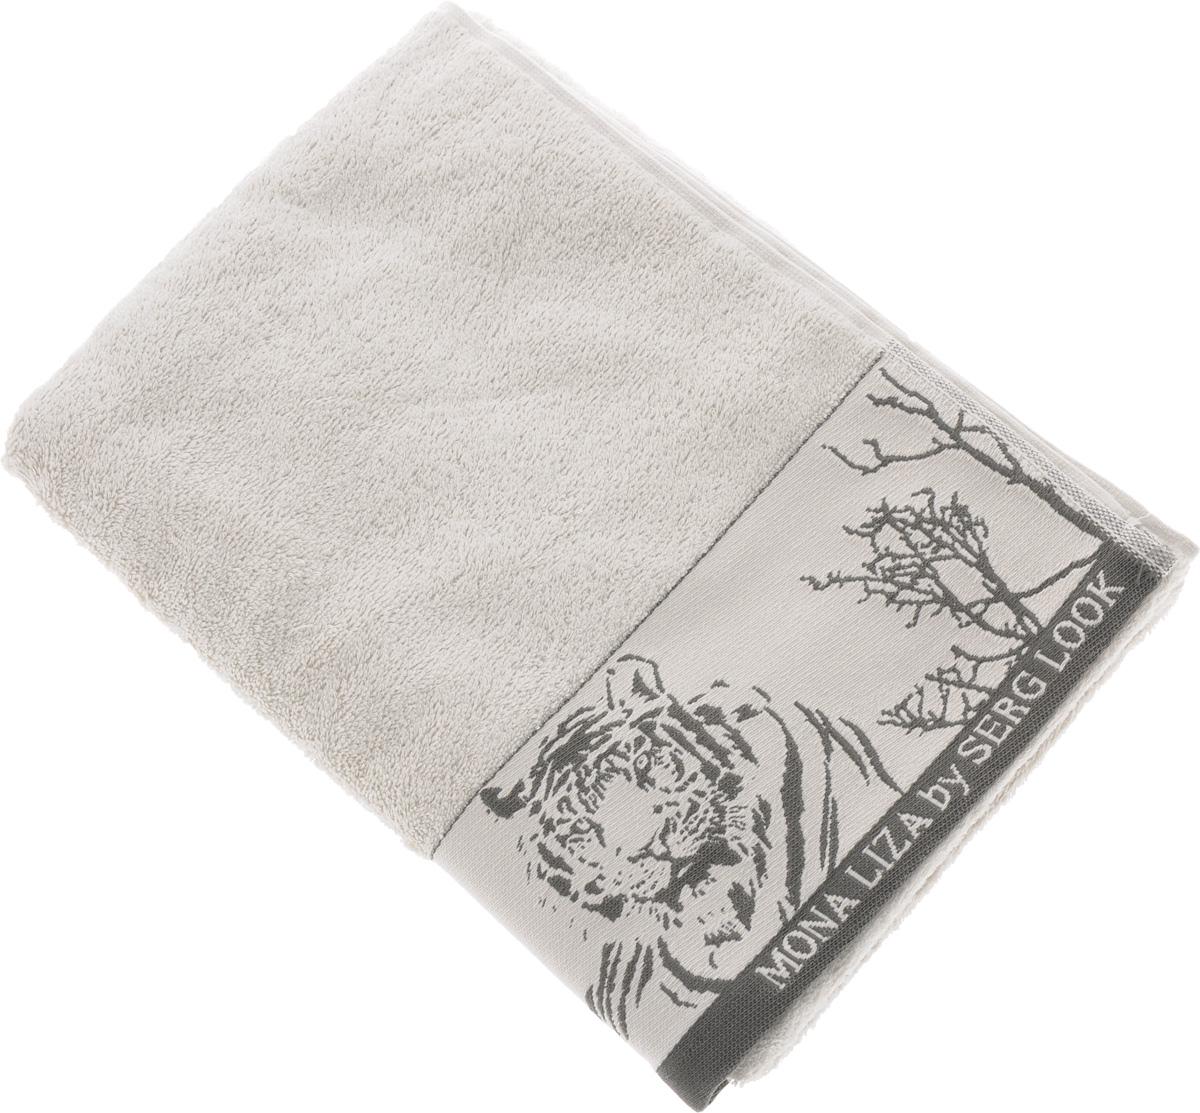 Полотенце Mona Liza Wild, цвет: светло-серый, серый, 70 х 140 см531-105Мягкое полотенце Wild изготовлено из 30% хлопка и 70% бамбукового волокна. Полотенце Wild с жаккардовым бордюром обладает высокой впитывающей способностью и сочетает в себе элегантную роскошь и практичность. Благодаря высокому качеству изготовления, полотенце будет радовать вас многие годы. Мотивы коллекции Mona Liza Premium bu Serg Look навеяны итальянскими фресками эпохи Ренессанса, периода удивительной гармонии в искусстве. В представленной коллекции для нанесения на ткань рисунка применяется многоцветная печать, метод реактивного крашения, который позволяет создать уникальную цветовую гамму, напоминающую старинные фрески. Этот метод также обеспечивает высокую устойчивость краски при стирке.